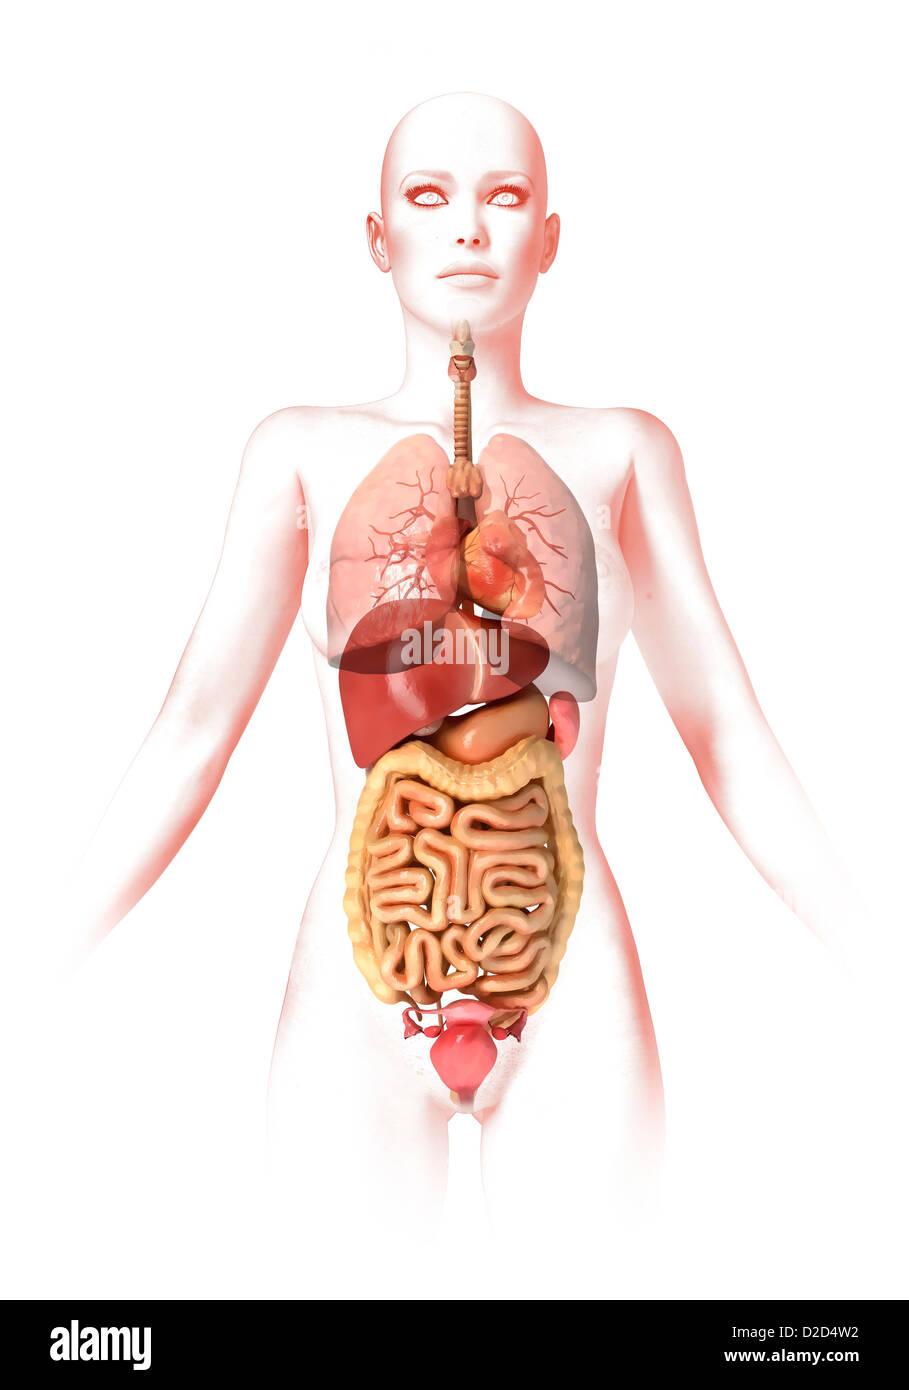 Weibliche Anatomie Computer Grafik Stockfoto, Bild: 53149630 - Alamy